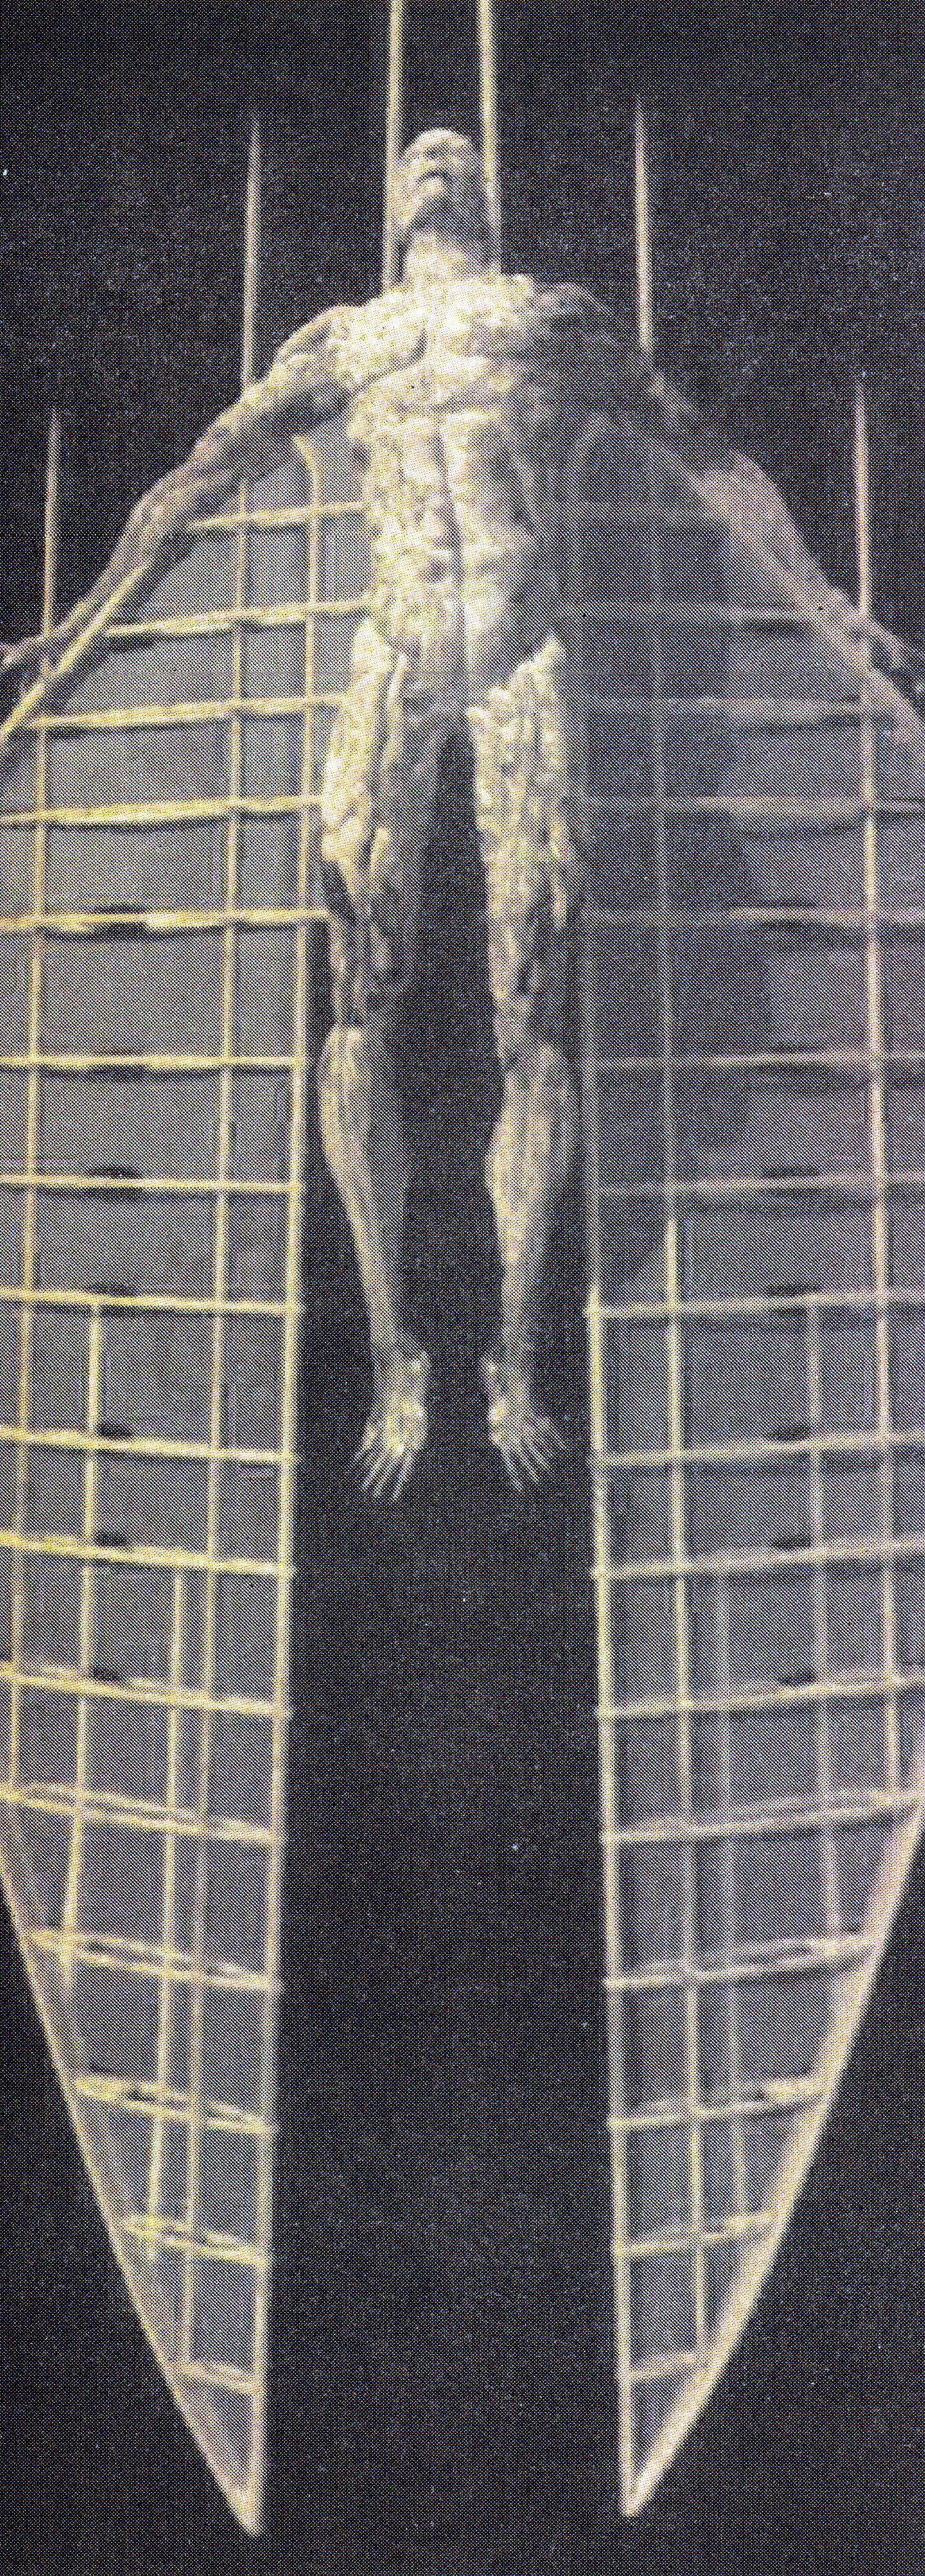 El Hombre Polilla Se Aproxima Por El Otoño para hincharse de membrillos y cermeñas. Su mensaje: Hay que dejarse abducir.